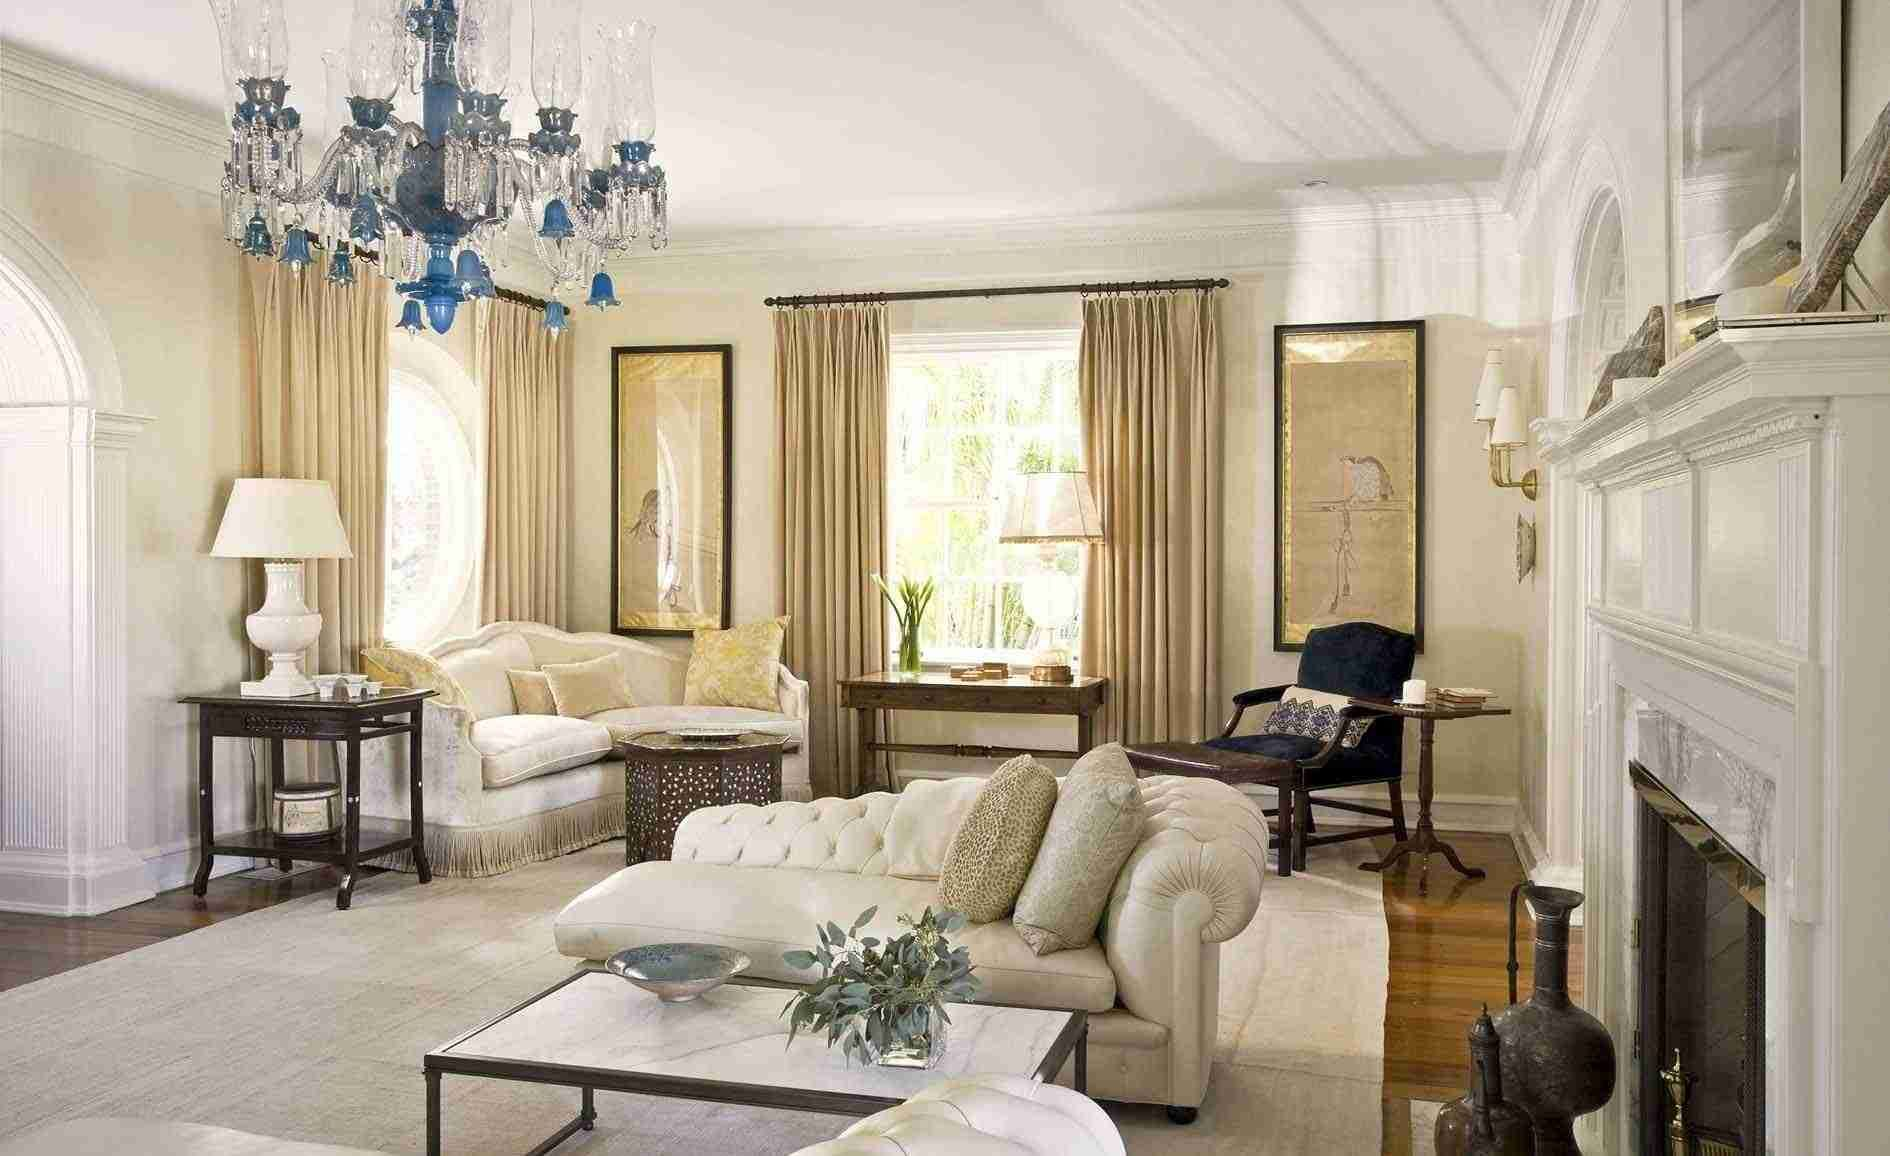 feng shui salon avec m ridienne en cuir blanc lustre en cristal et manteau de chemin e en bois. Black Bedroom Furniture Sets. Home Design Ideas